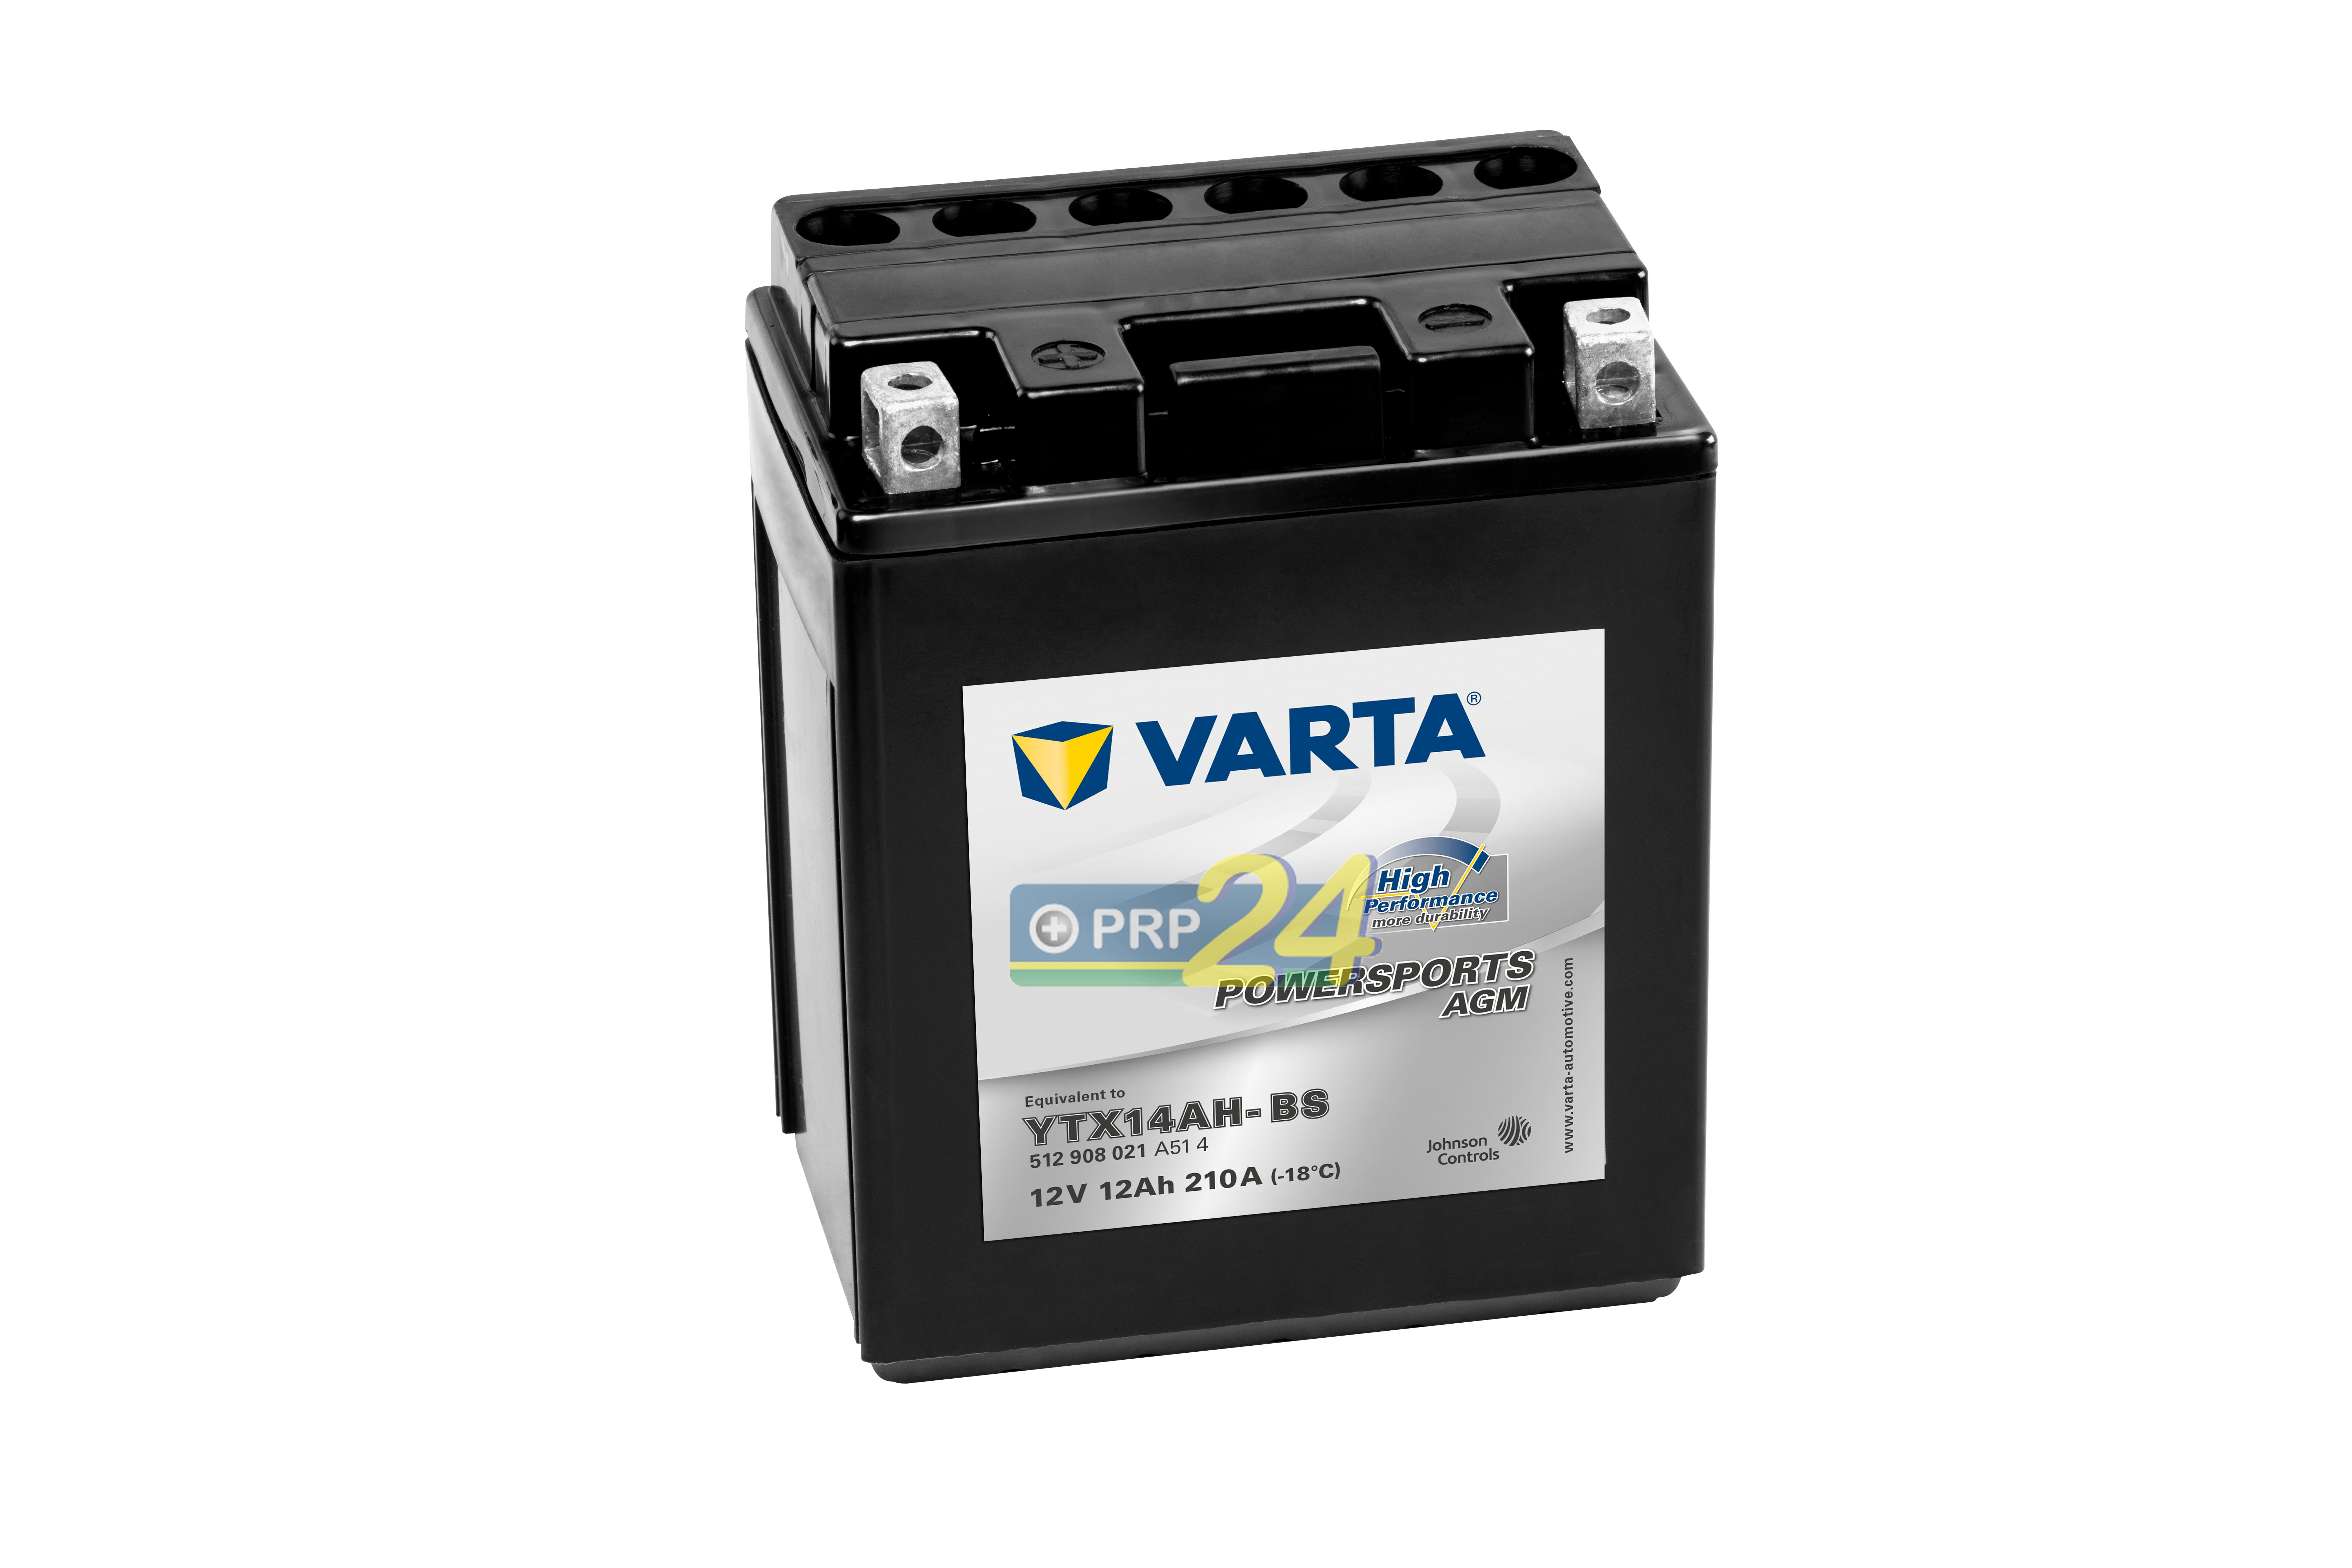 VARTA Varta - 12v 12ah - AGM motor akkumulátor * YTX14AH-BS